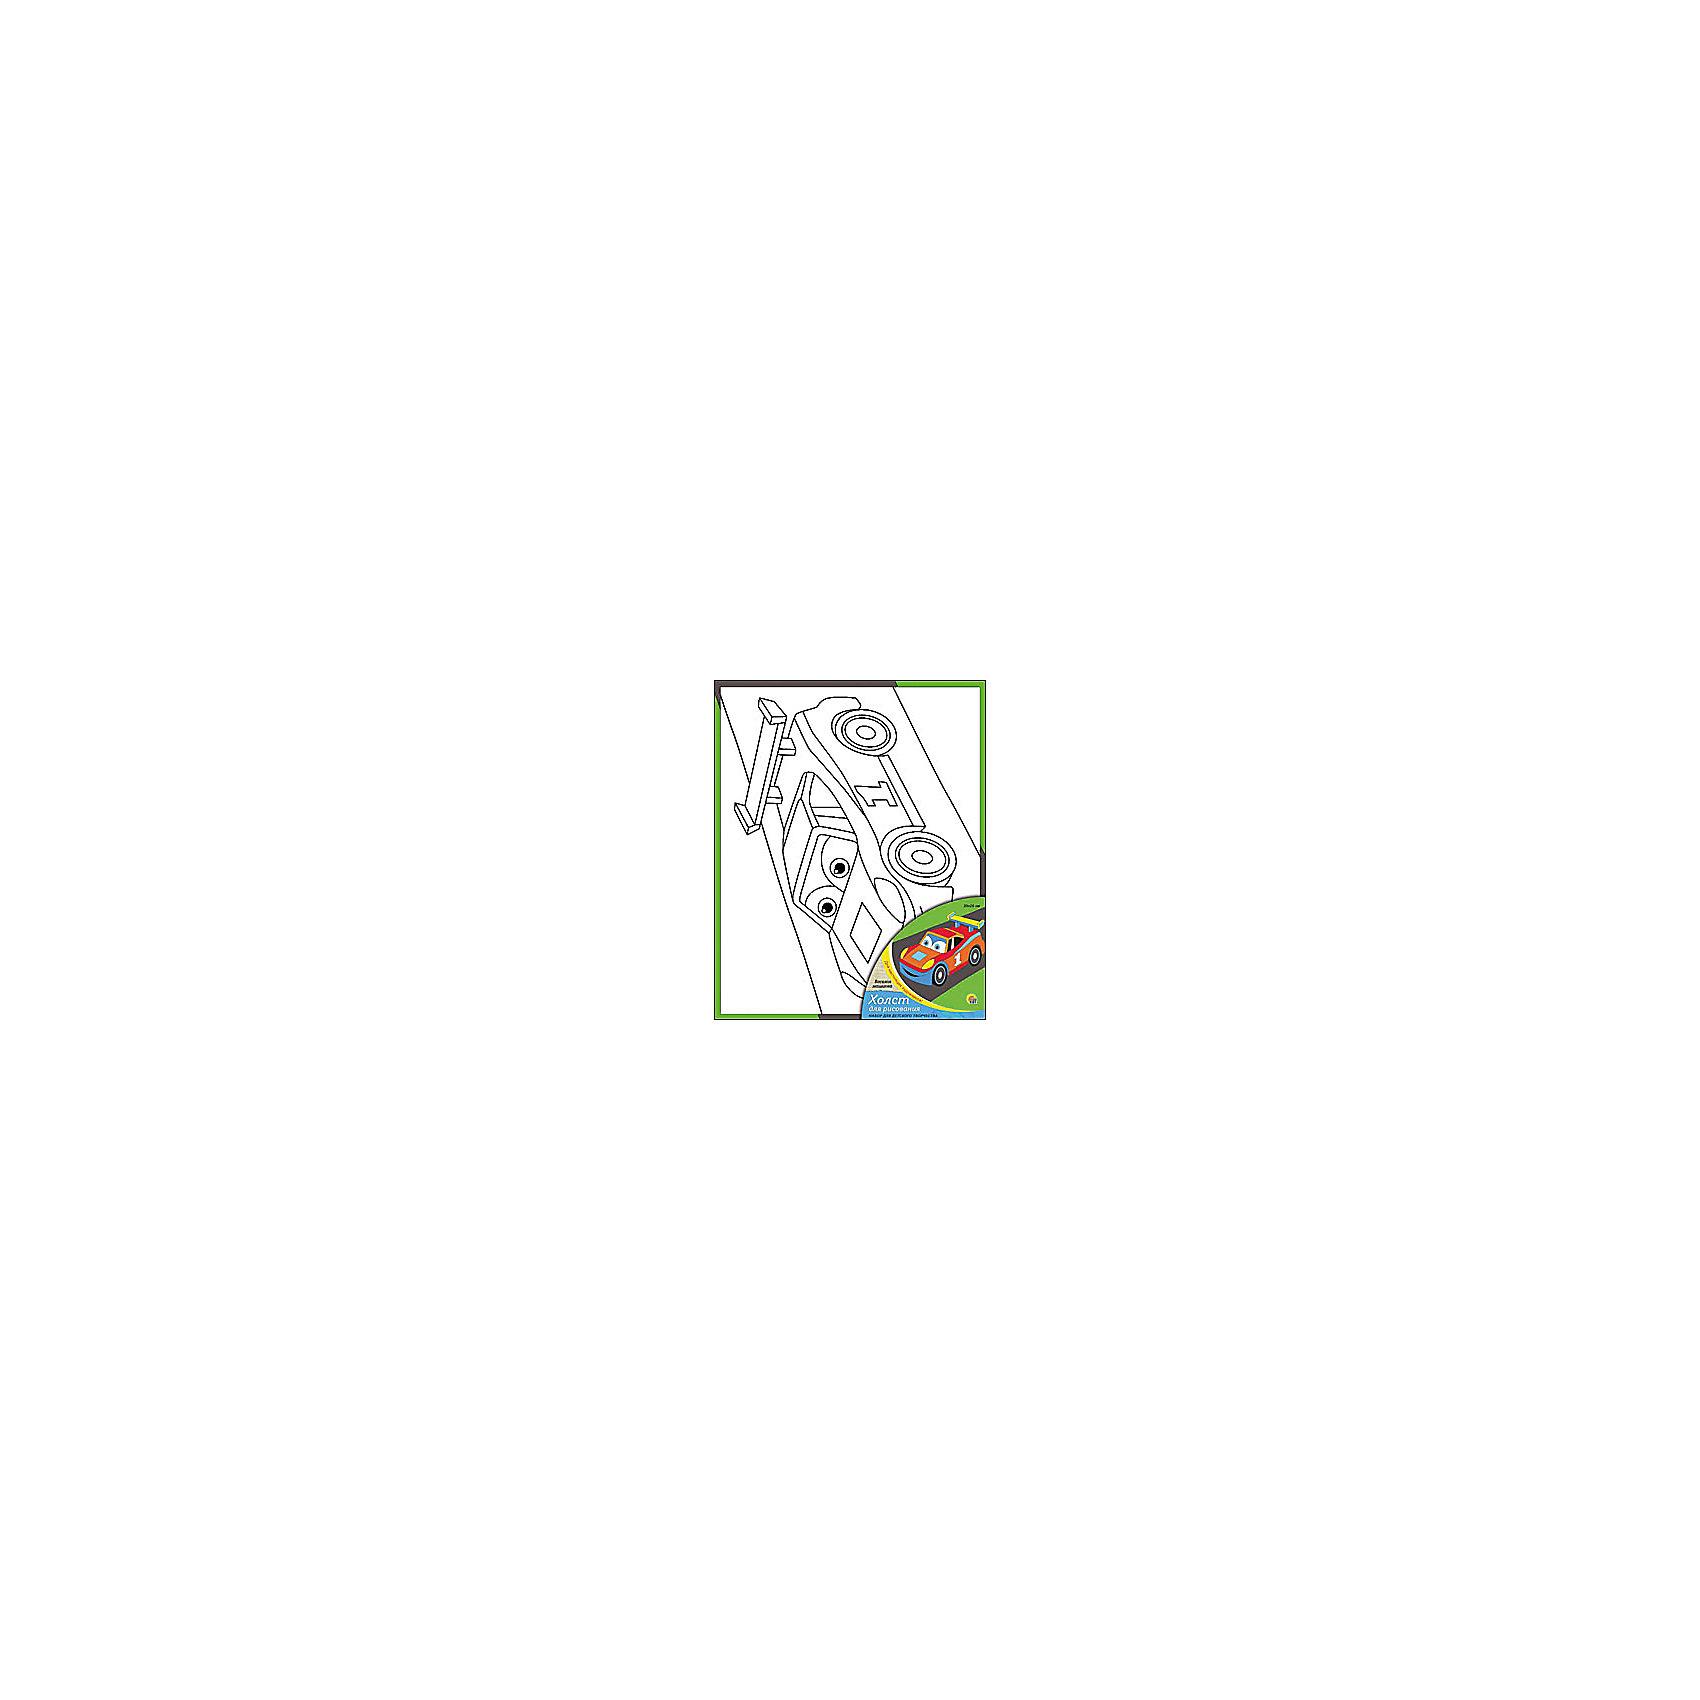 Холст с красками Весёлая машинка, 20х25 смРаскраски по номерам<br>Холст с красками Веселая машинка - прекрасный подарок детям, которые любят рисовать. В наборе вы найдете всё, что нужно для детского творчества: холст с эскизом, яркие краски и кисточка. Готовую картинку можно подарить друзьям или украсить свою комнату!<br><br>Дополнительная информация:<br>В наборе: холст-эскиз, 7 акриловых красок, кисточка<br>Размер: 20х1,5х25 см<br>Вес: 210 грамм<br>Холст с красками Веселая машинка можно купить в нашем интернет-магазине.<br><br>Ширина мм: 250<br>Глубина мм: 15<br>Высота мм: 200<br>Вес г: 210<br>Возраст от месяцев: 36<br>Возраст до месяцев: 120<br>Пол: Унисекс<br>Возраст: Детский<br>SKU: 4939518